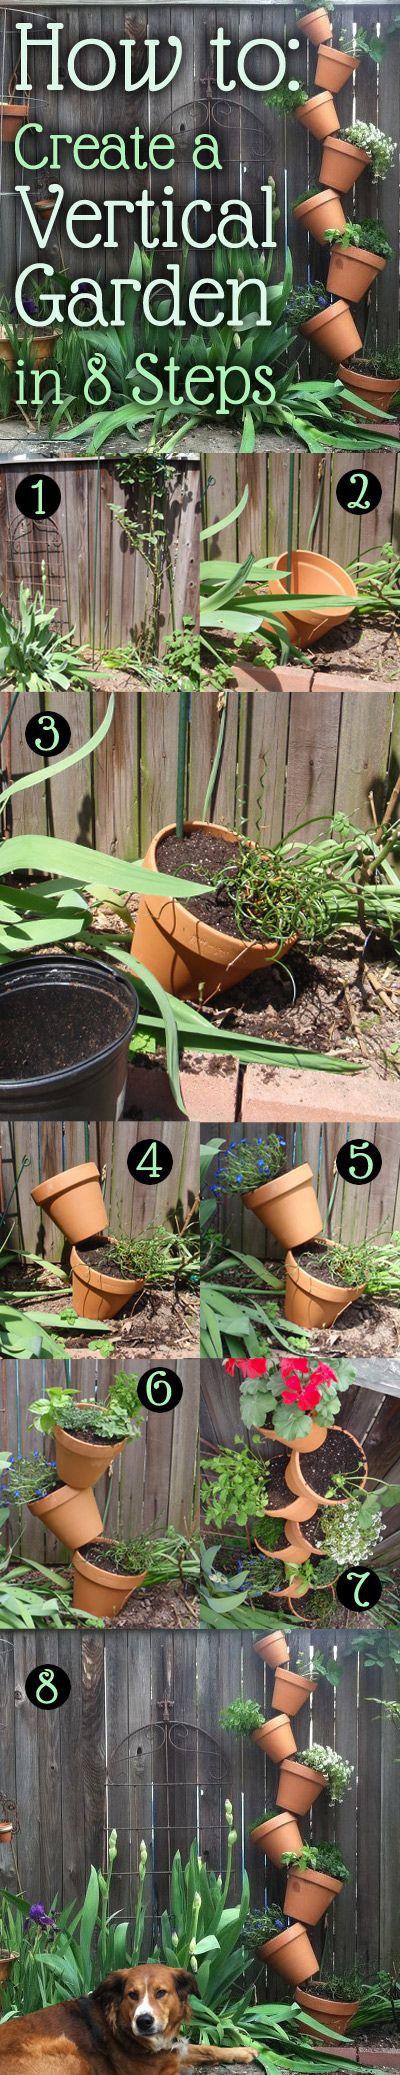 how to-vertical garden